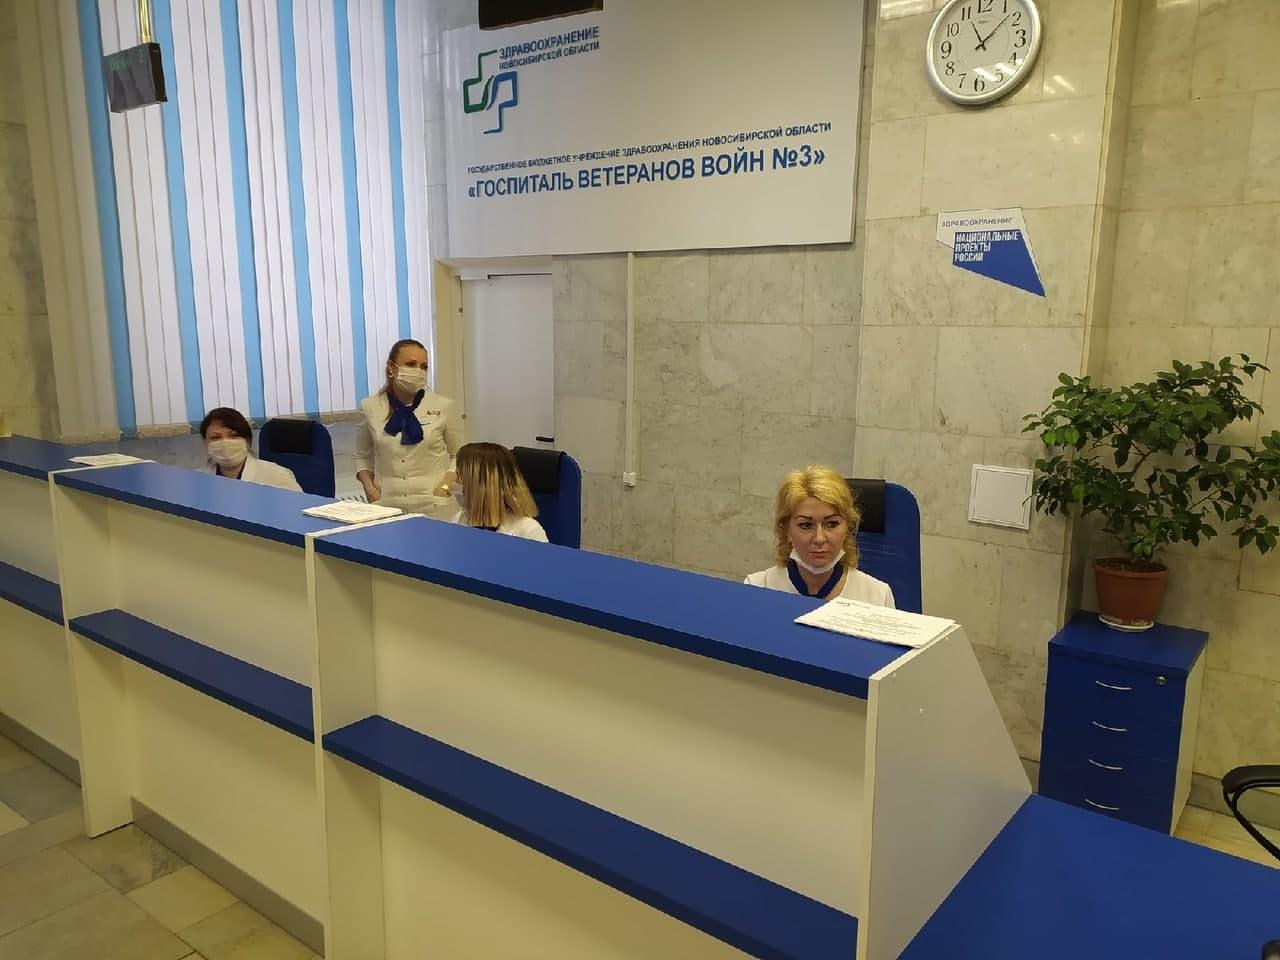 фото Министр здравоохранения Мурашко в Новосибирске: онлайн-трансляция на Сиб.фм 7